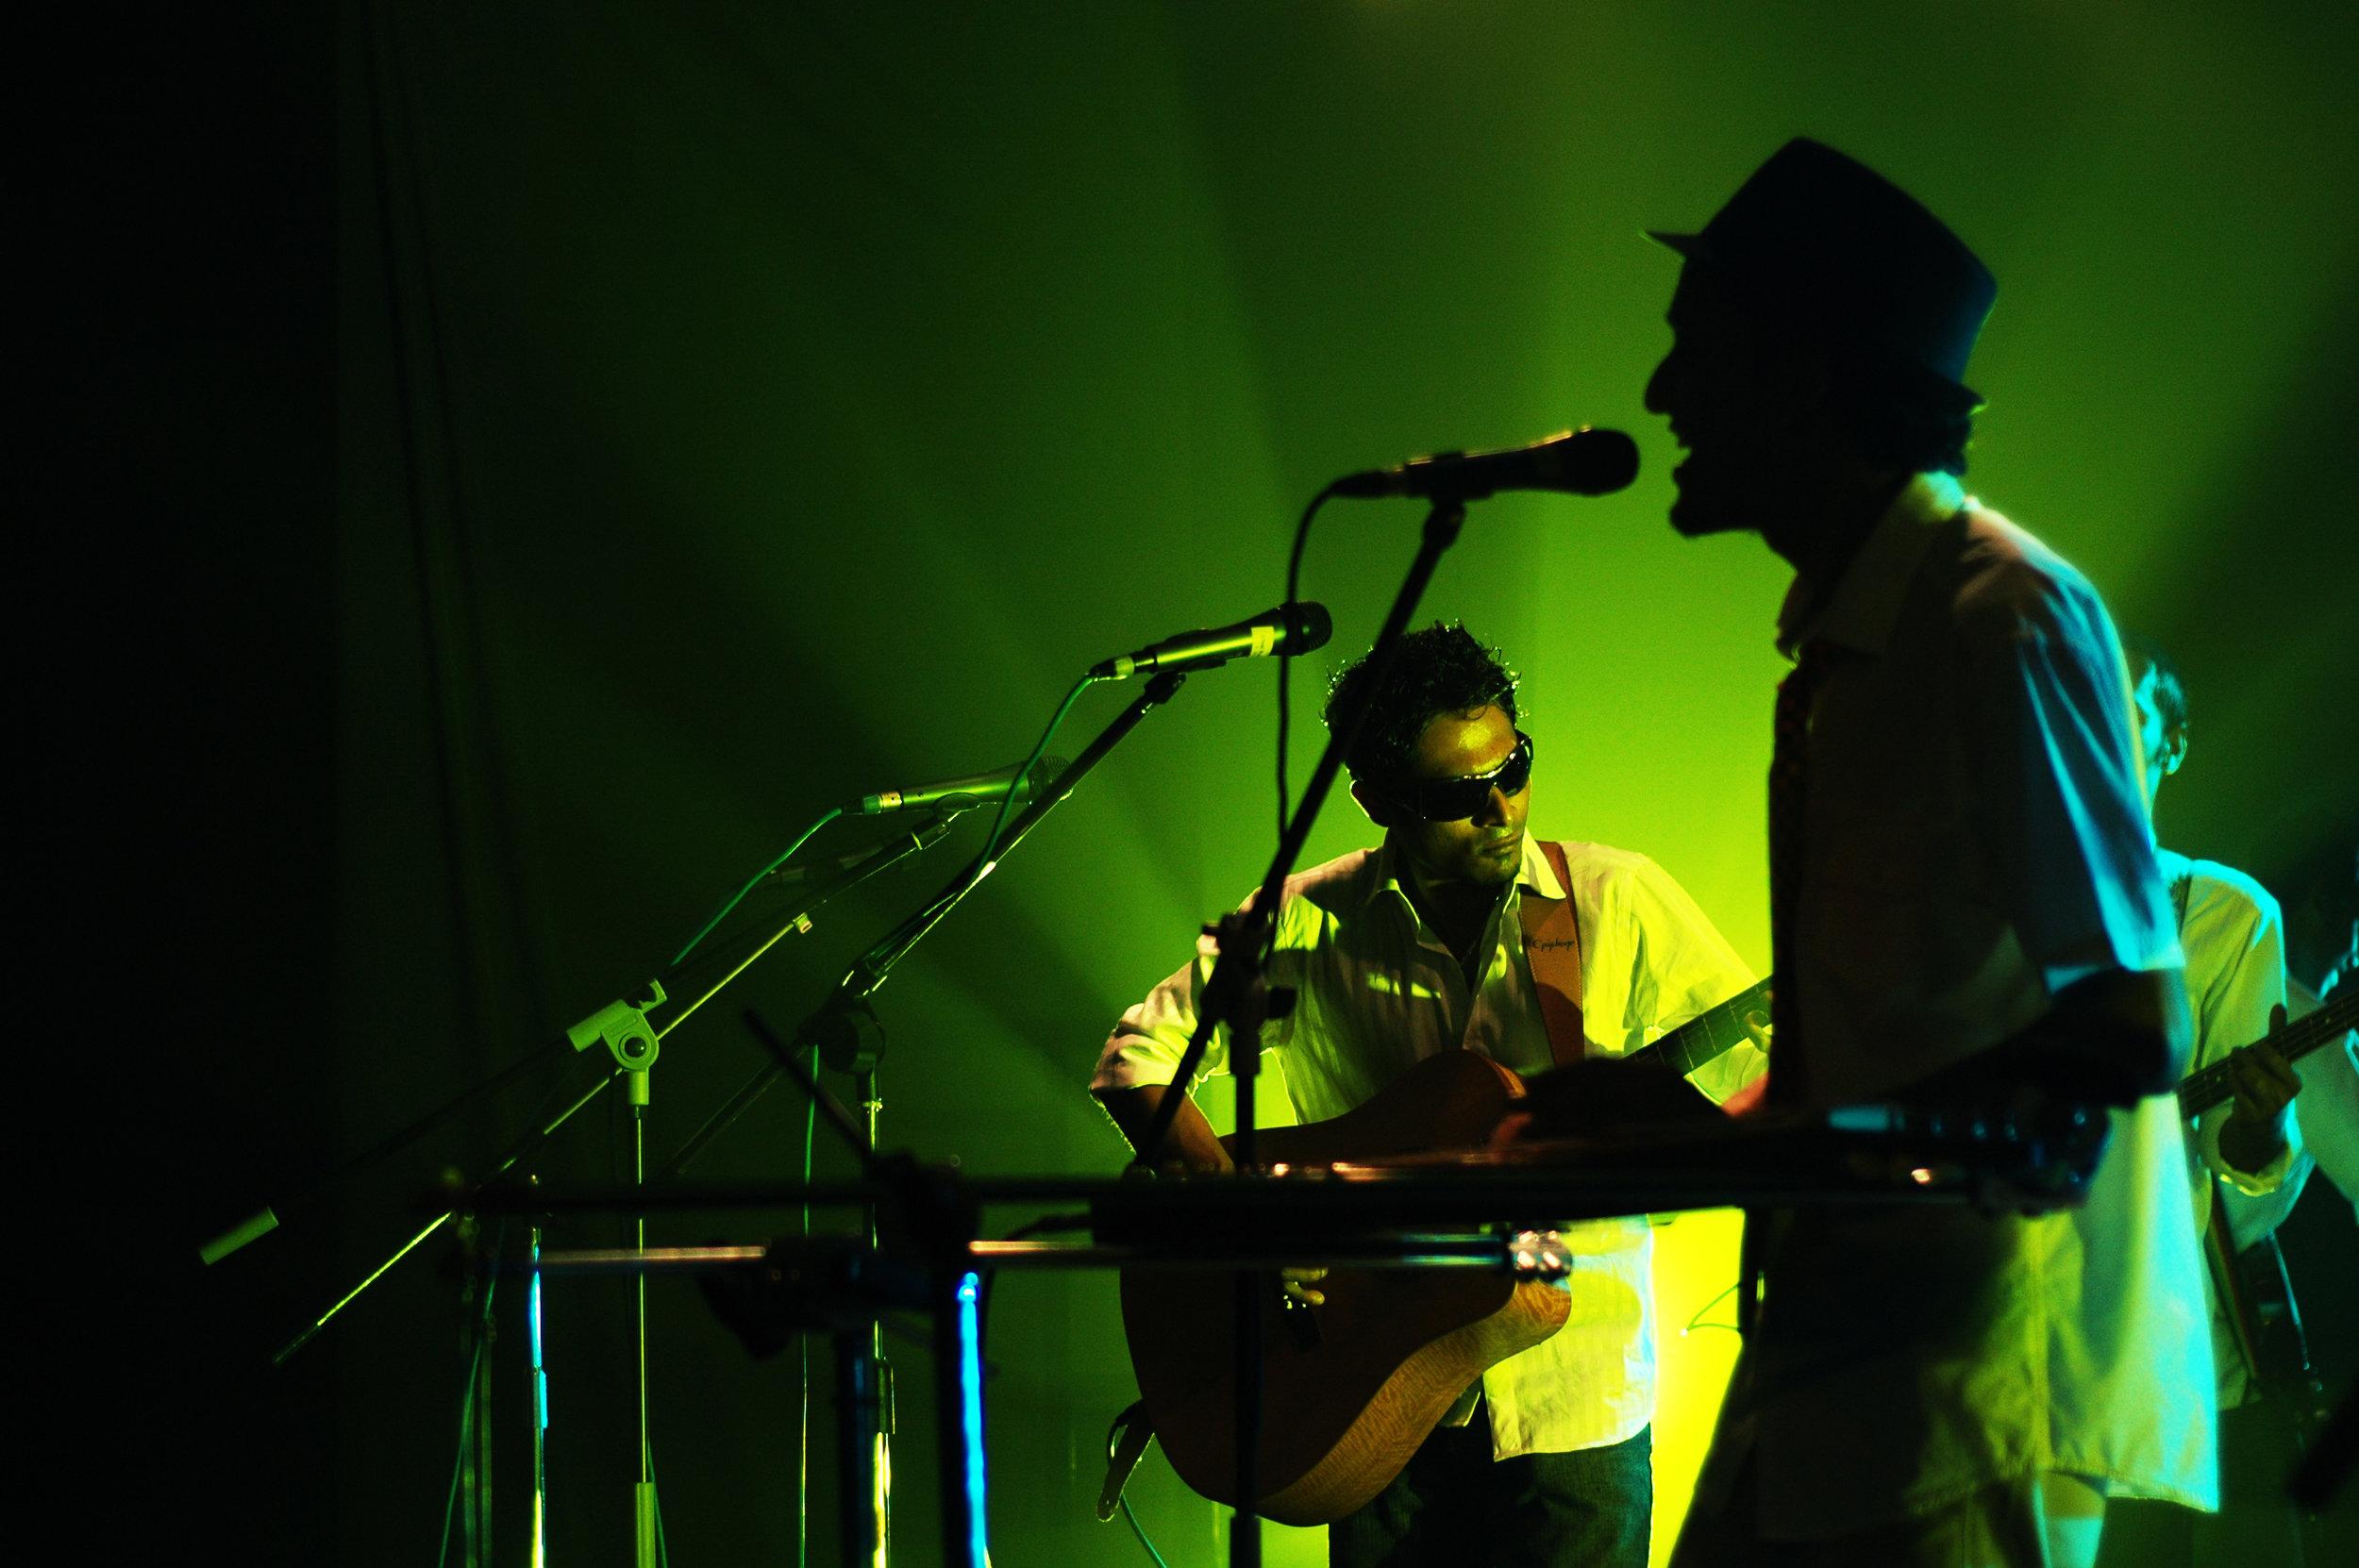 2009-08-19 - Male' City - Dharubaaruge' - Eku Ekee Album Launch - D70s-7973.jpg